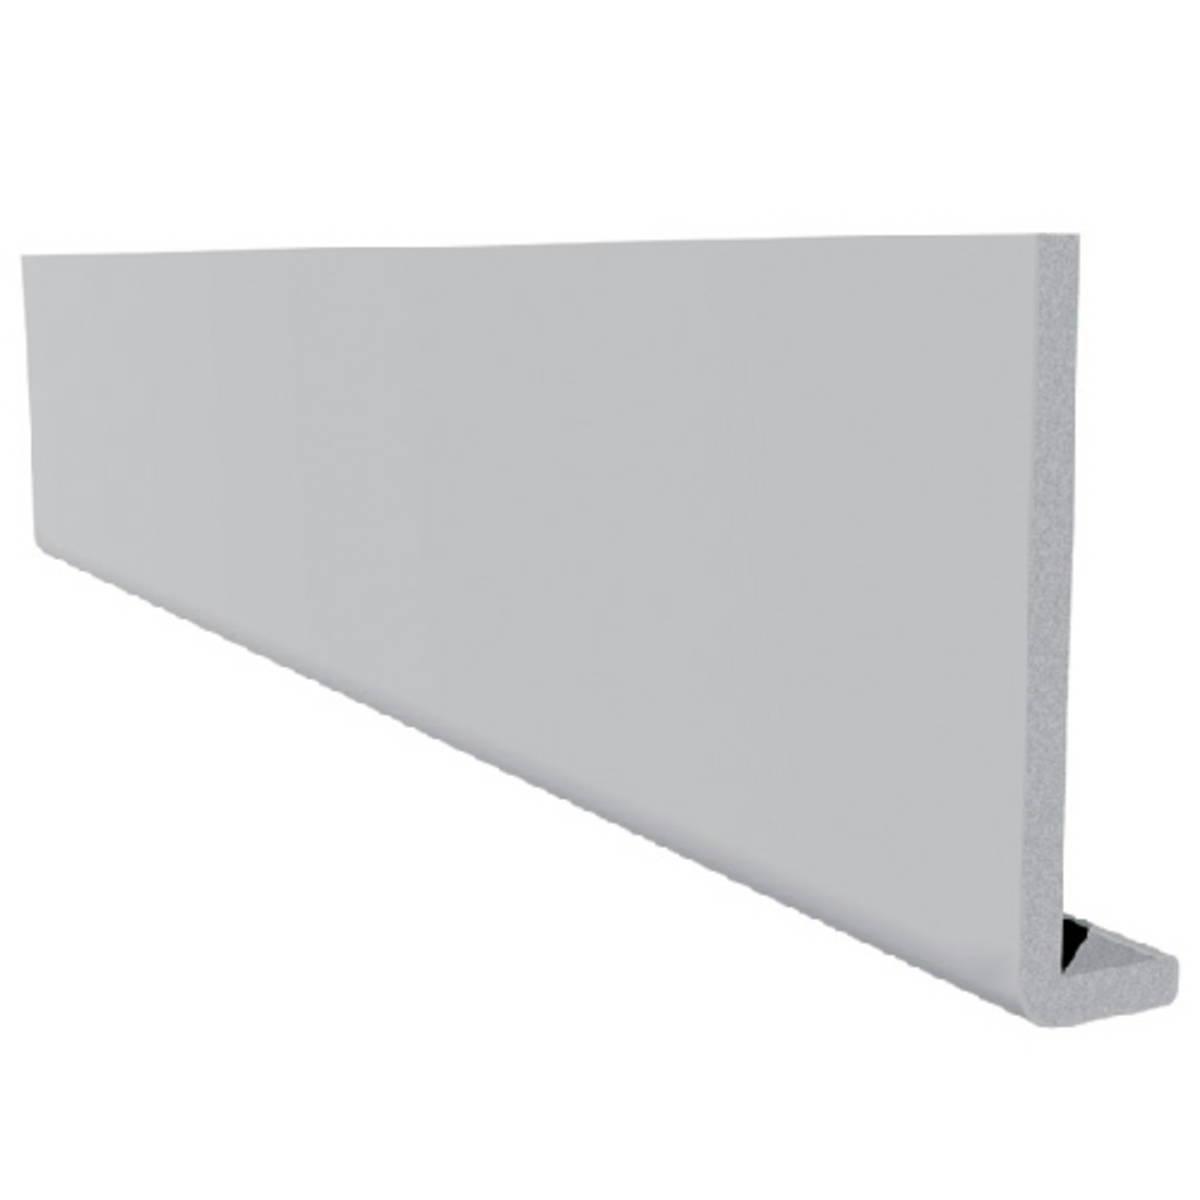 Bandeaux 300mm en l pvc blanc 5ml mba bois et construction durable - Lambris grande largeur ...